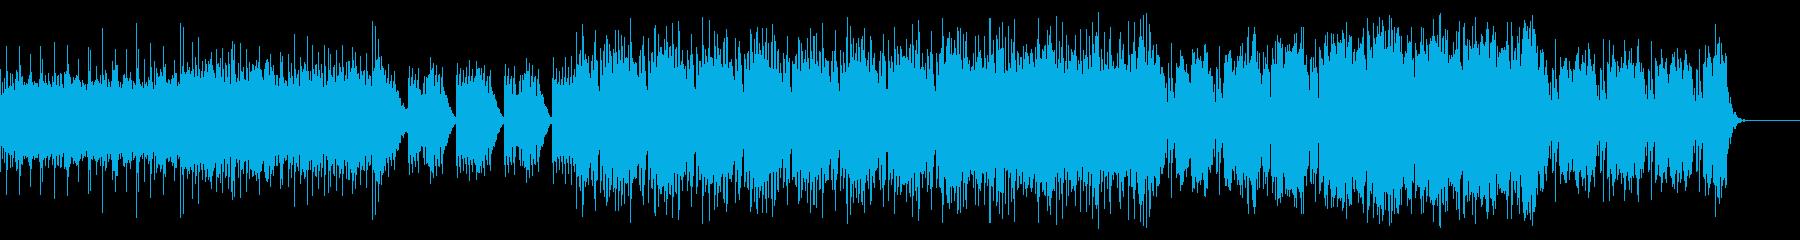 インド楽器を使ったブレイクビーツの再生済みの波形